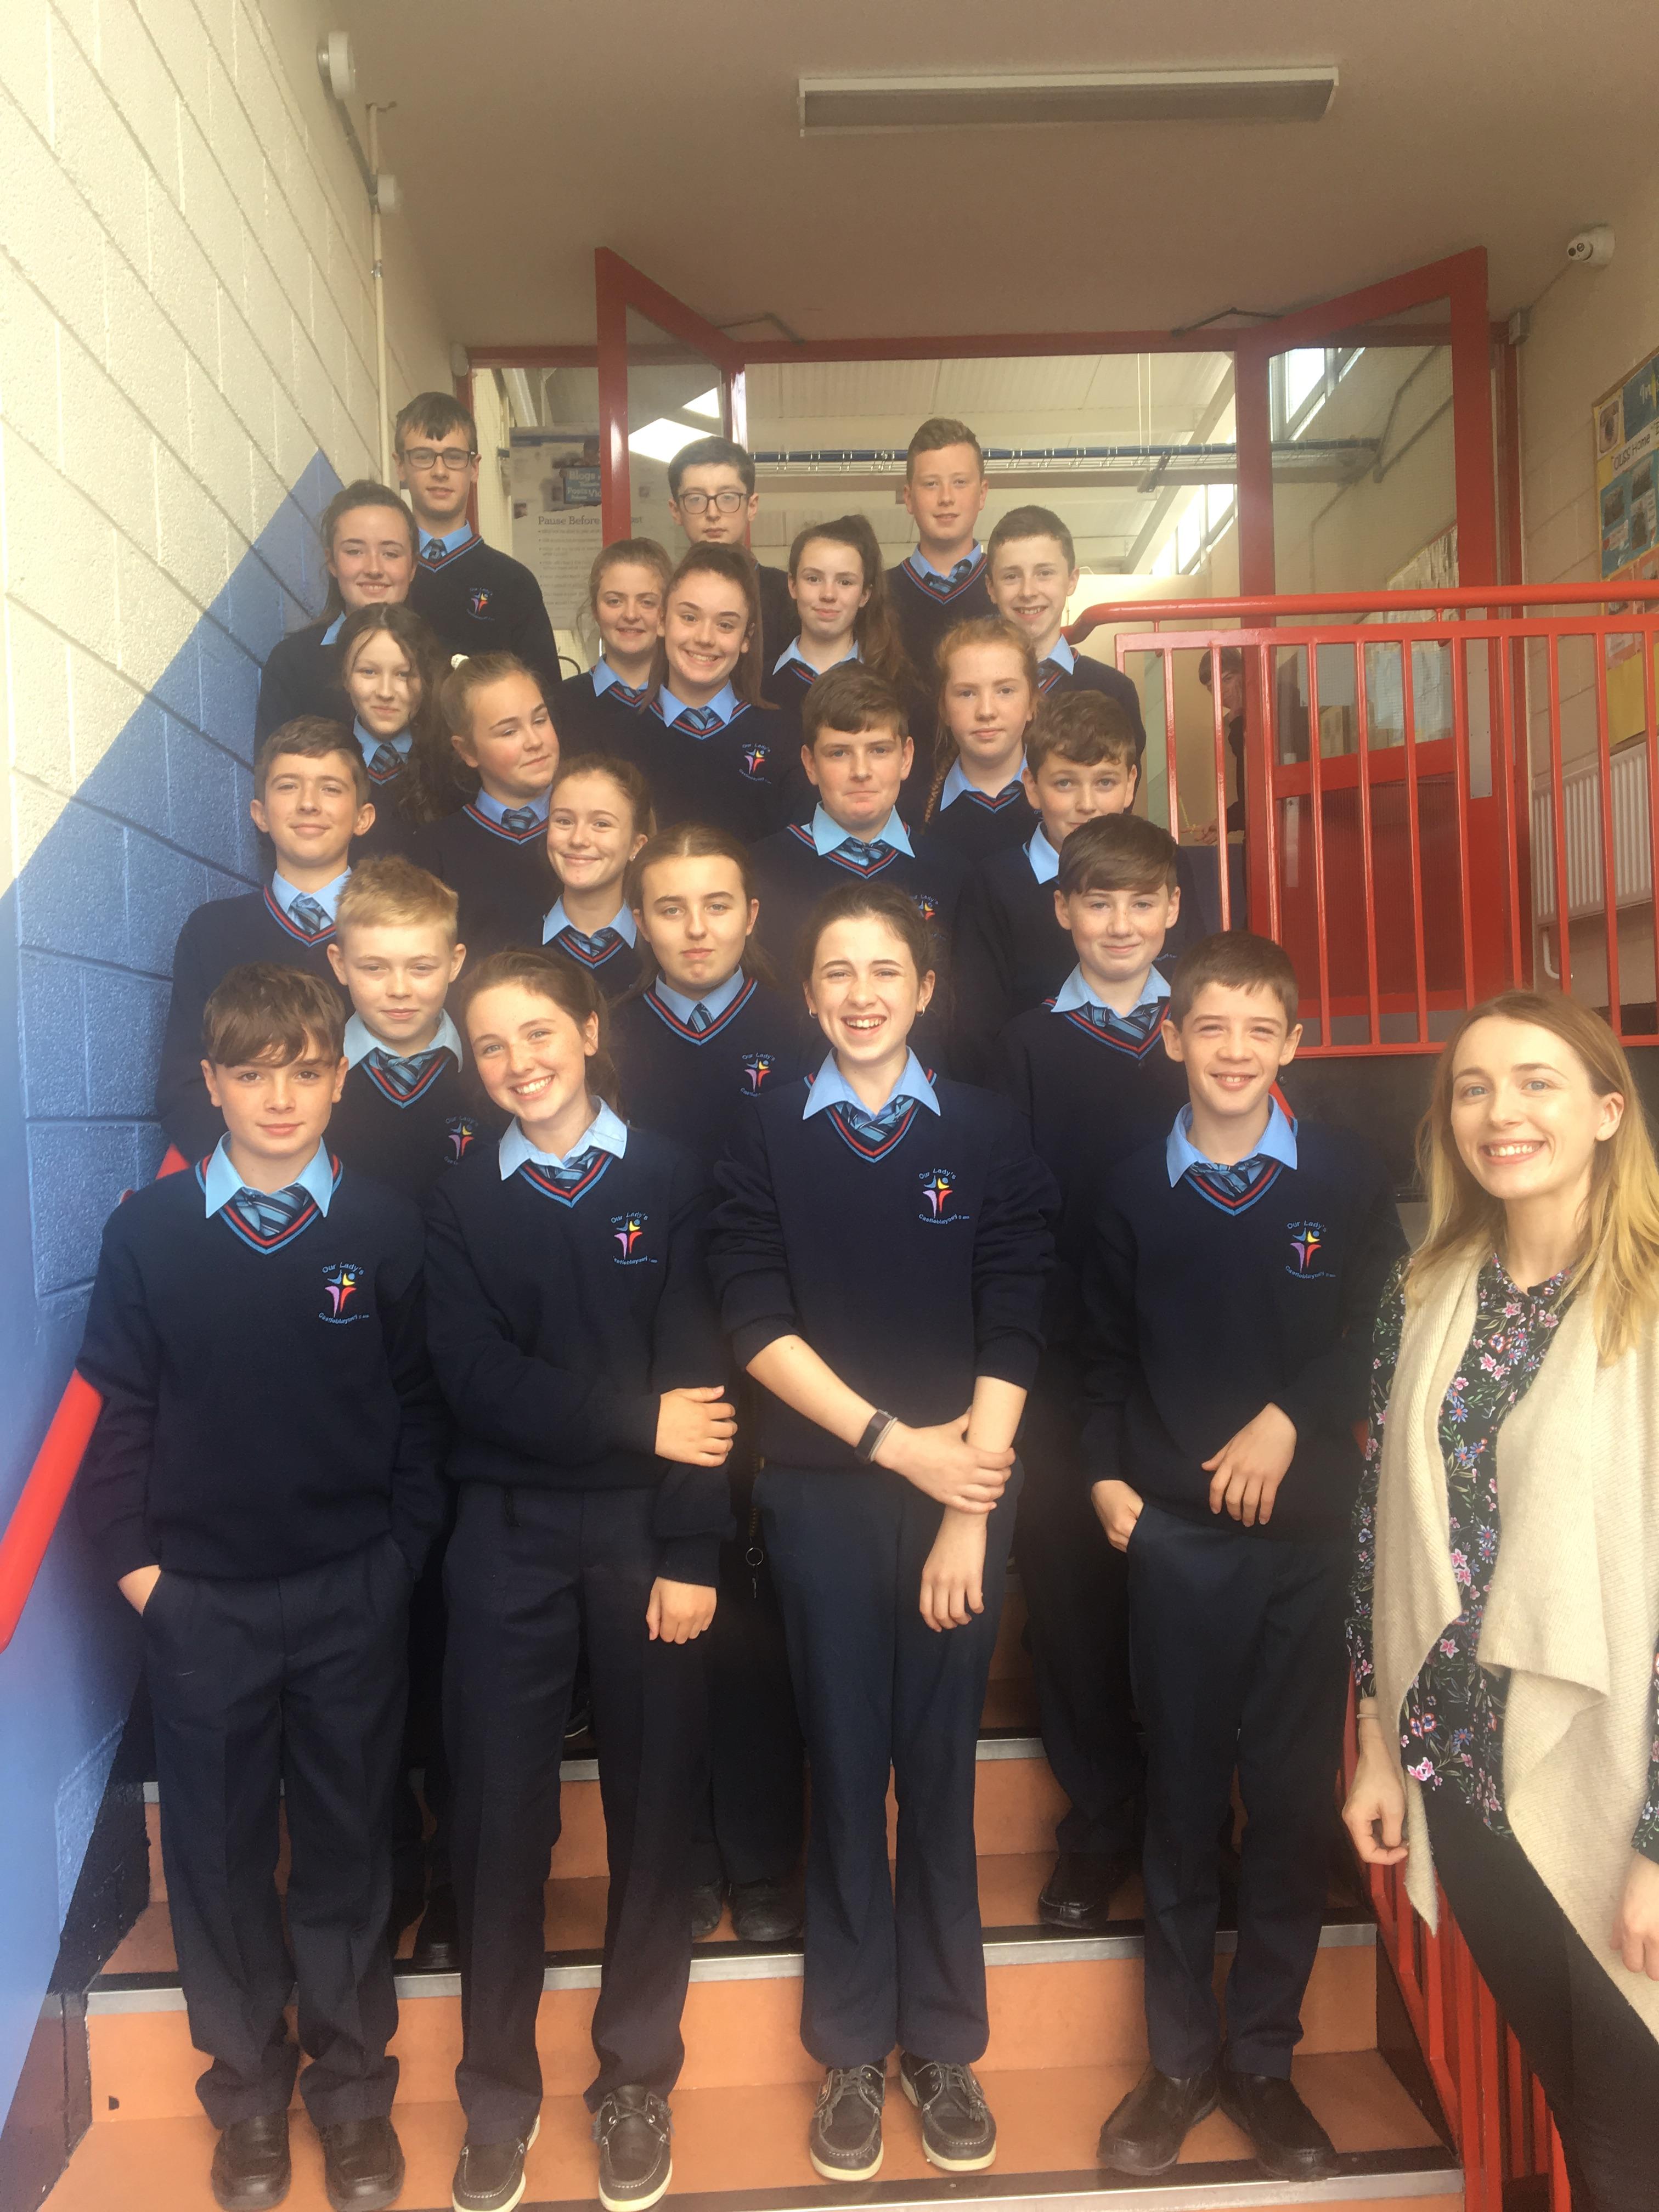 Castleblayney College Castleblayney Co Monaghan